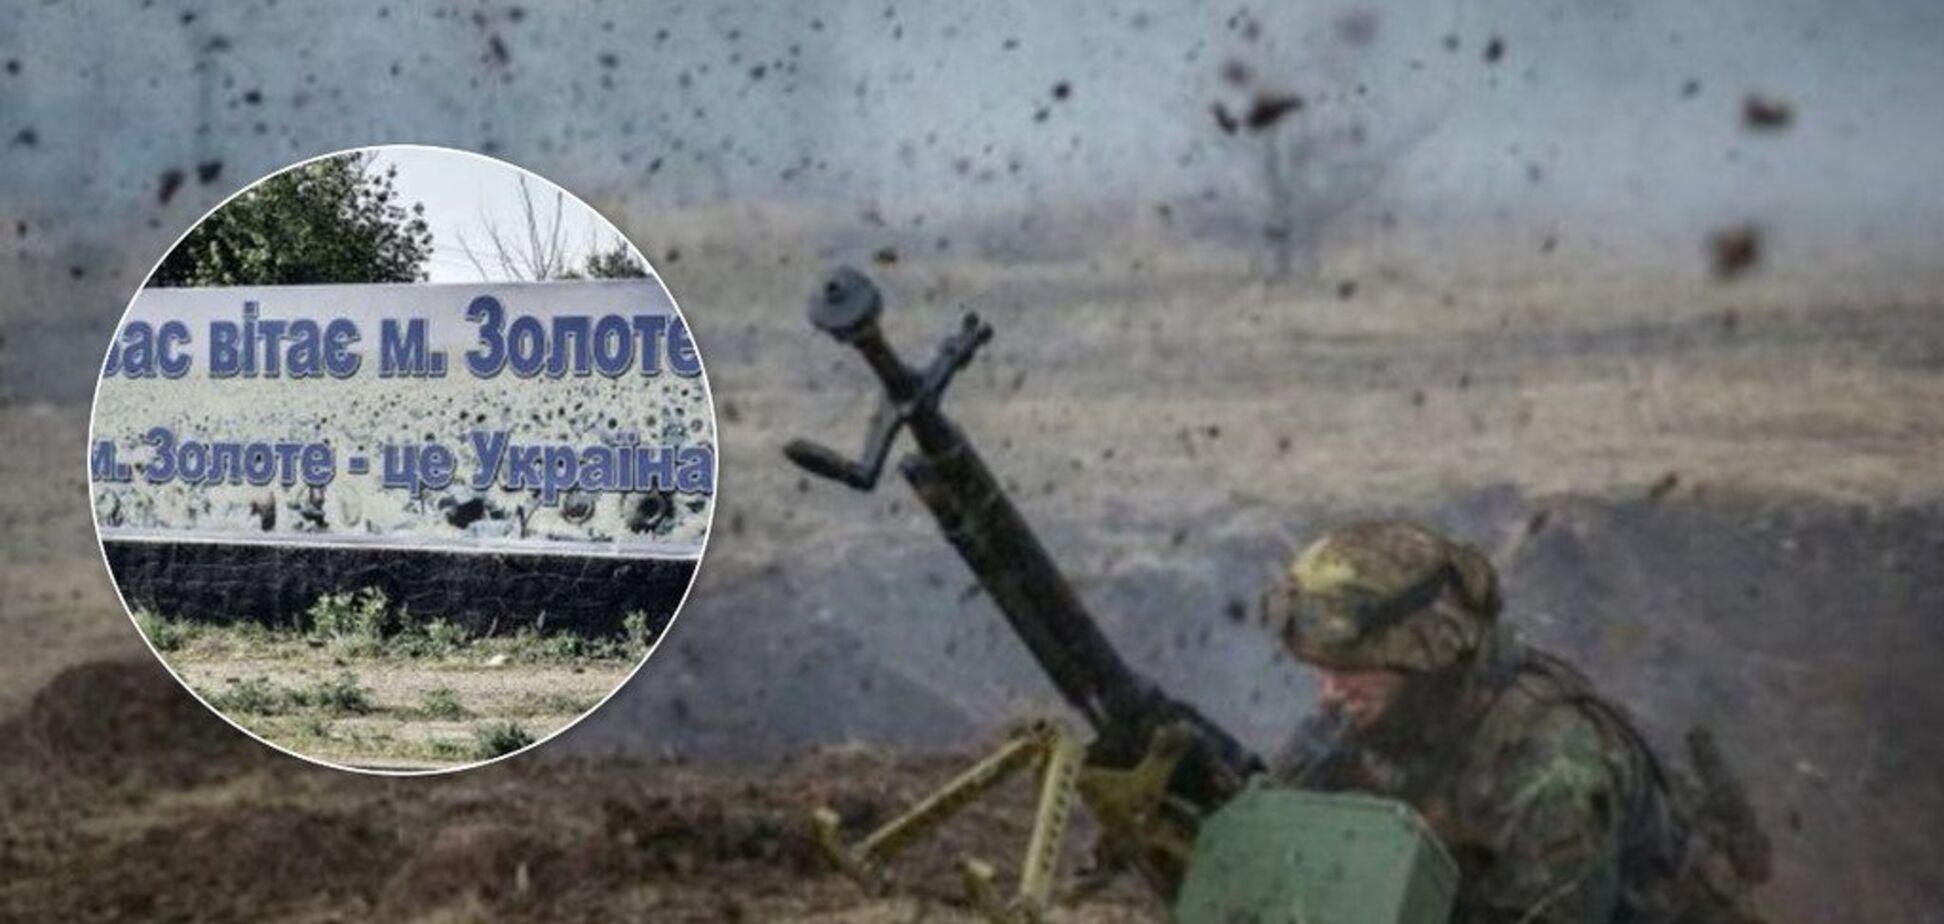 Волонтеры забили тревогу из-за масштабных потерь ВСУ на Донбассе: штаб ООС обвинили во вранье